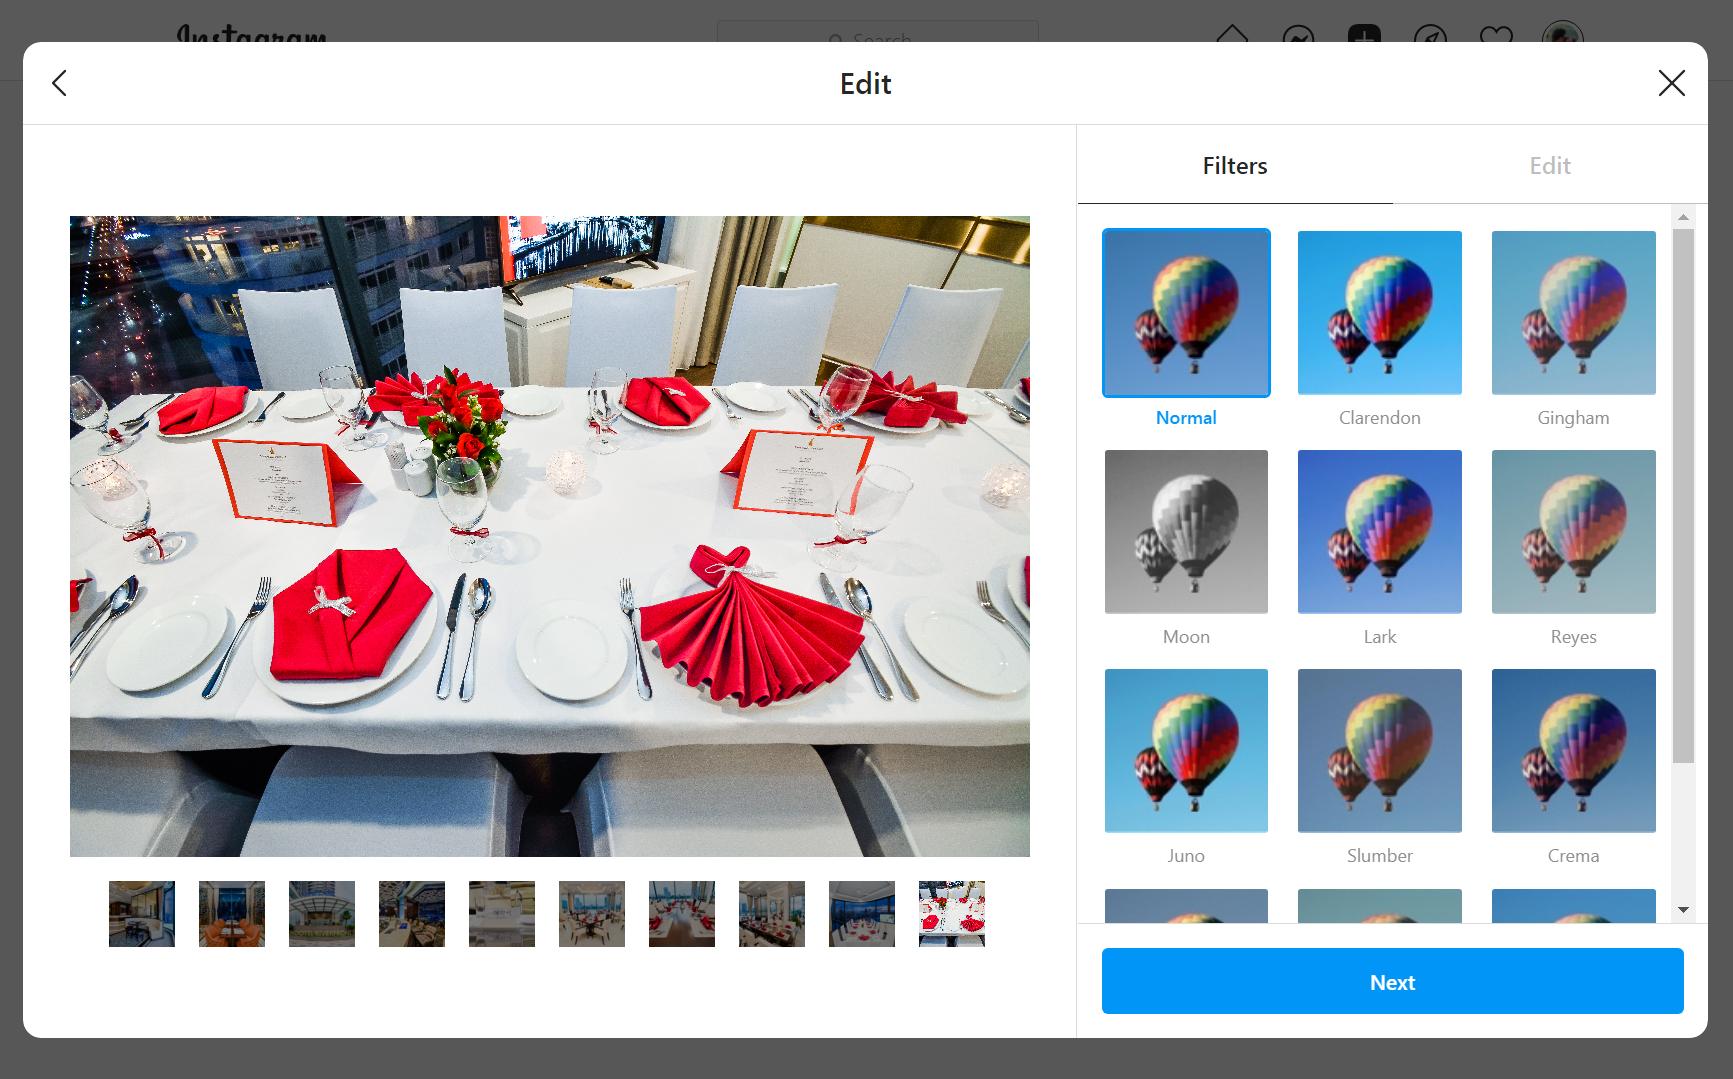 Instagram chính thức hỗ trợ upload ảnh từ trình duyệt trên máy tính